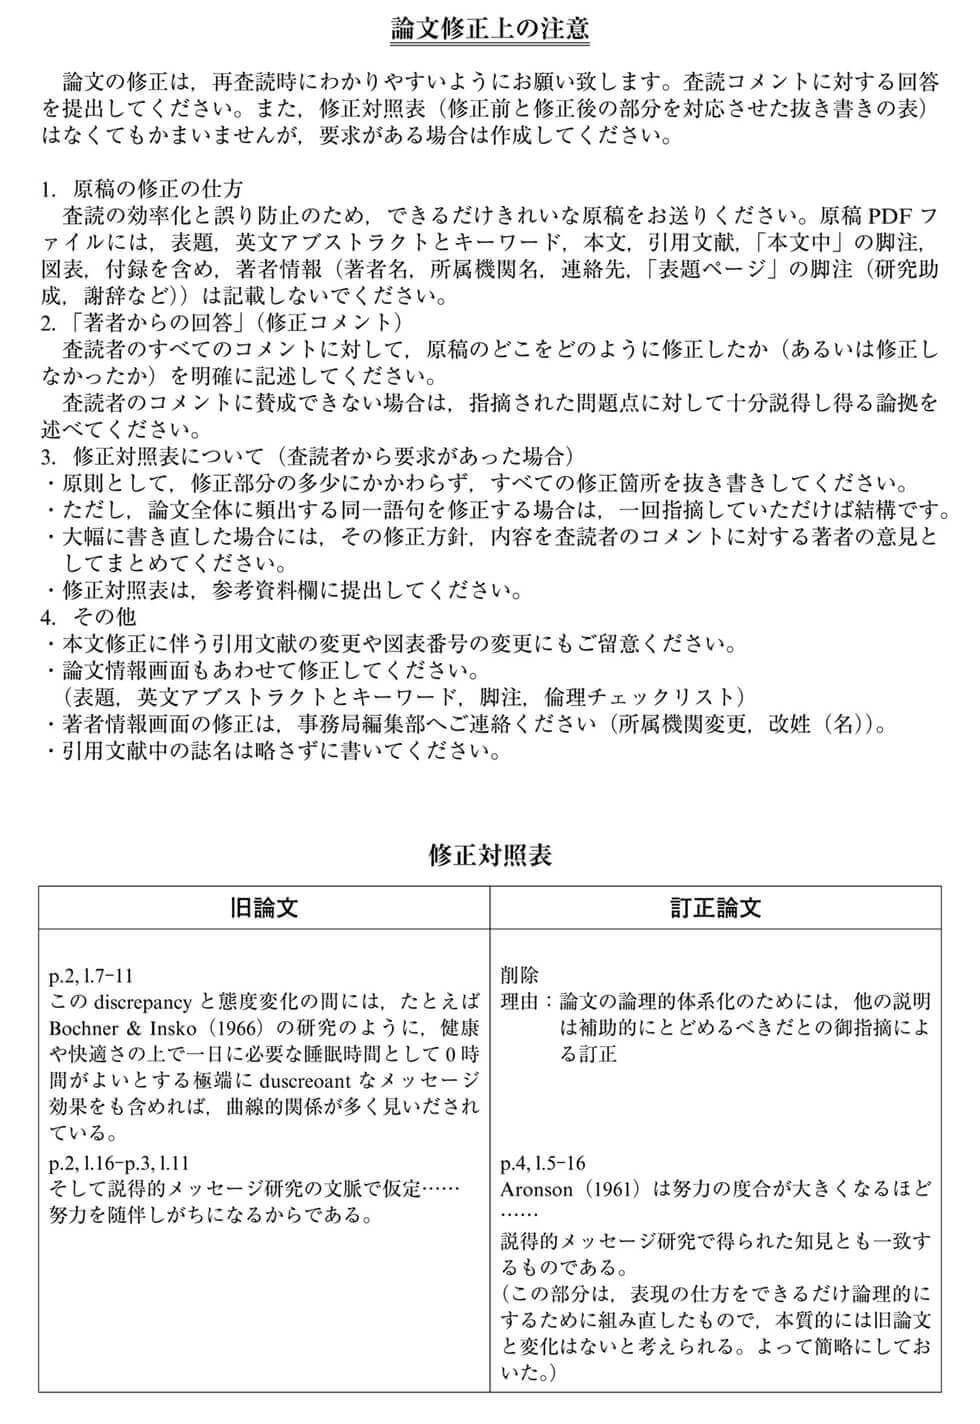 見本2.5 「心理学研究」論文修正上の注意点